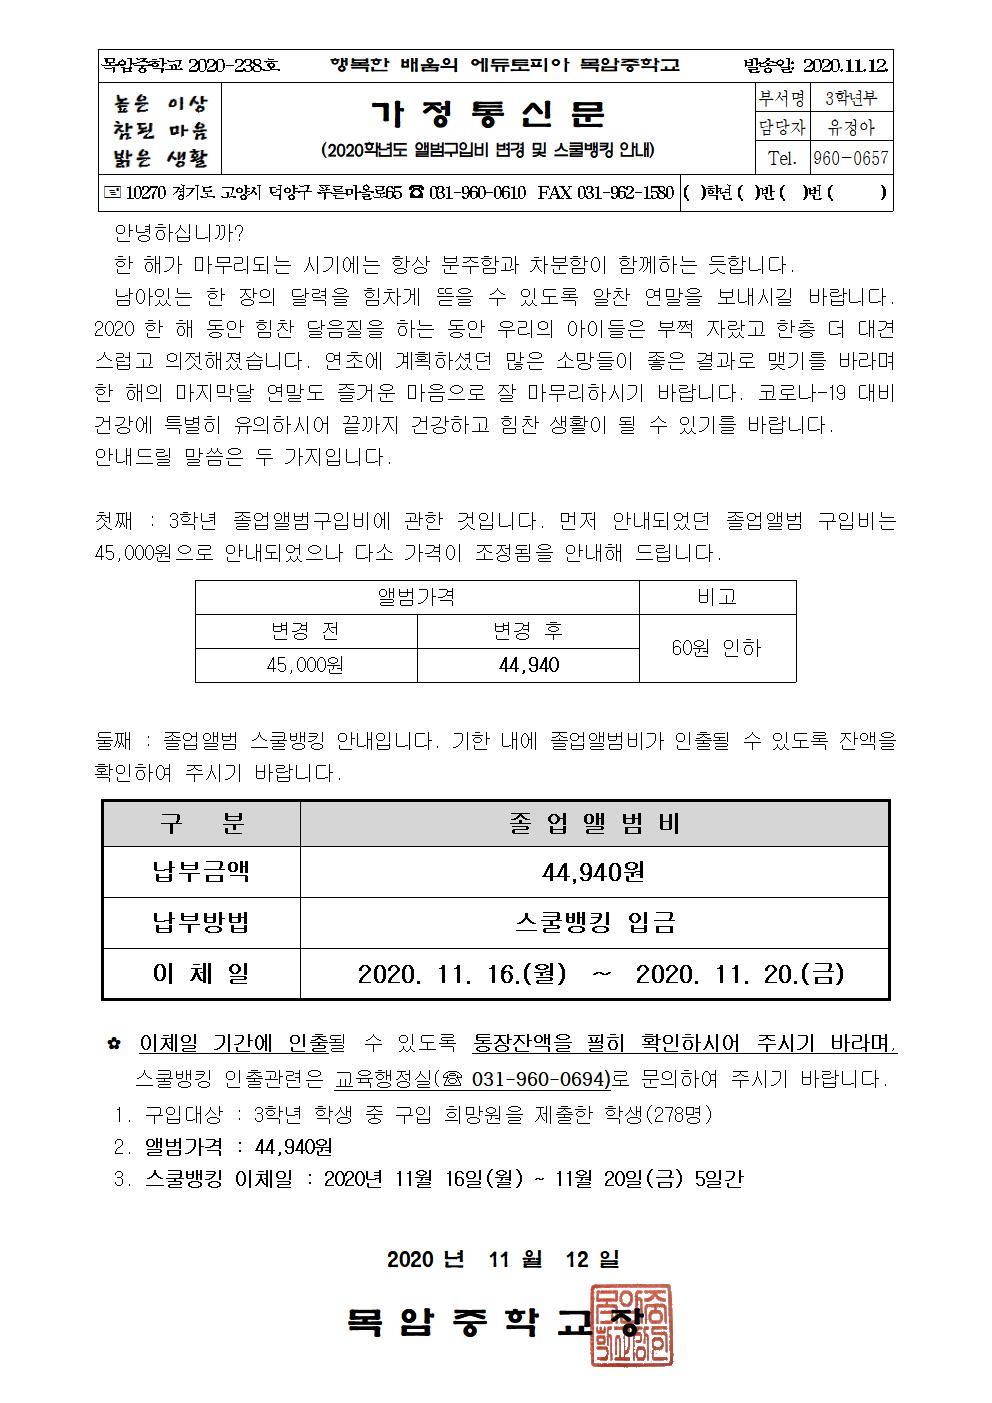 [일반] [3학년]2020학년도 앨범구입비 변경 및 스쿨뱅킹 안내의 첨부이미지 1